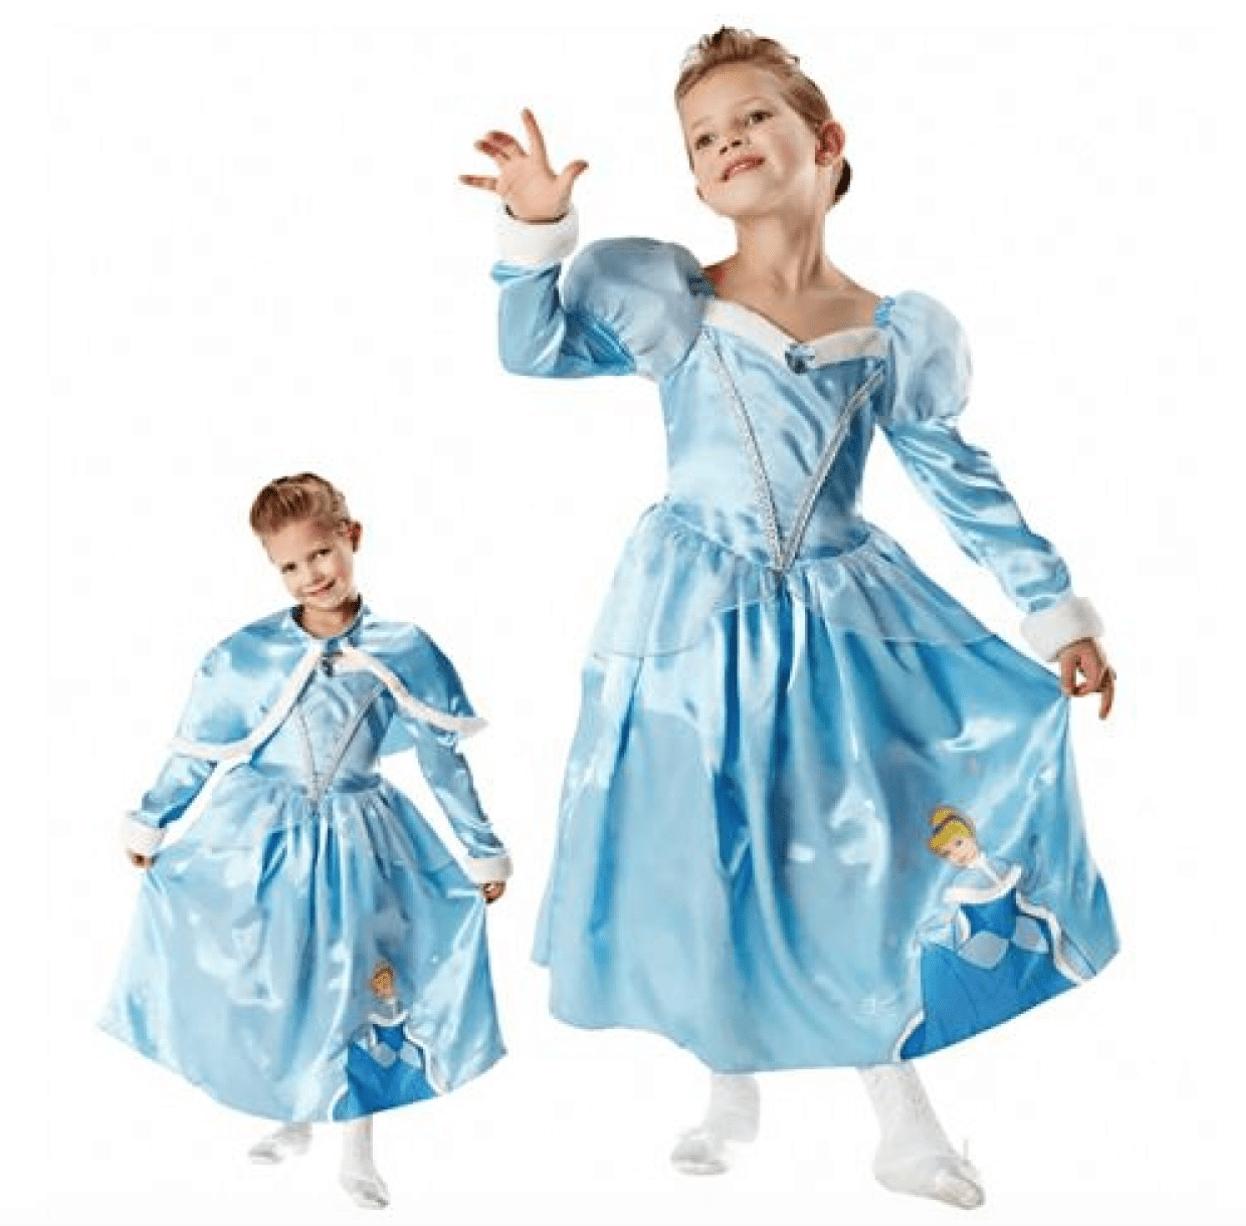 49a5b6c1478d askepot-kostume-til-børn - KostumeUniverset